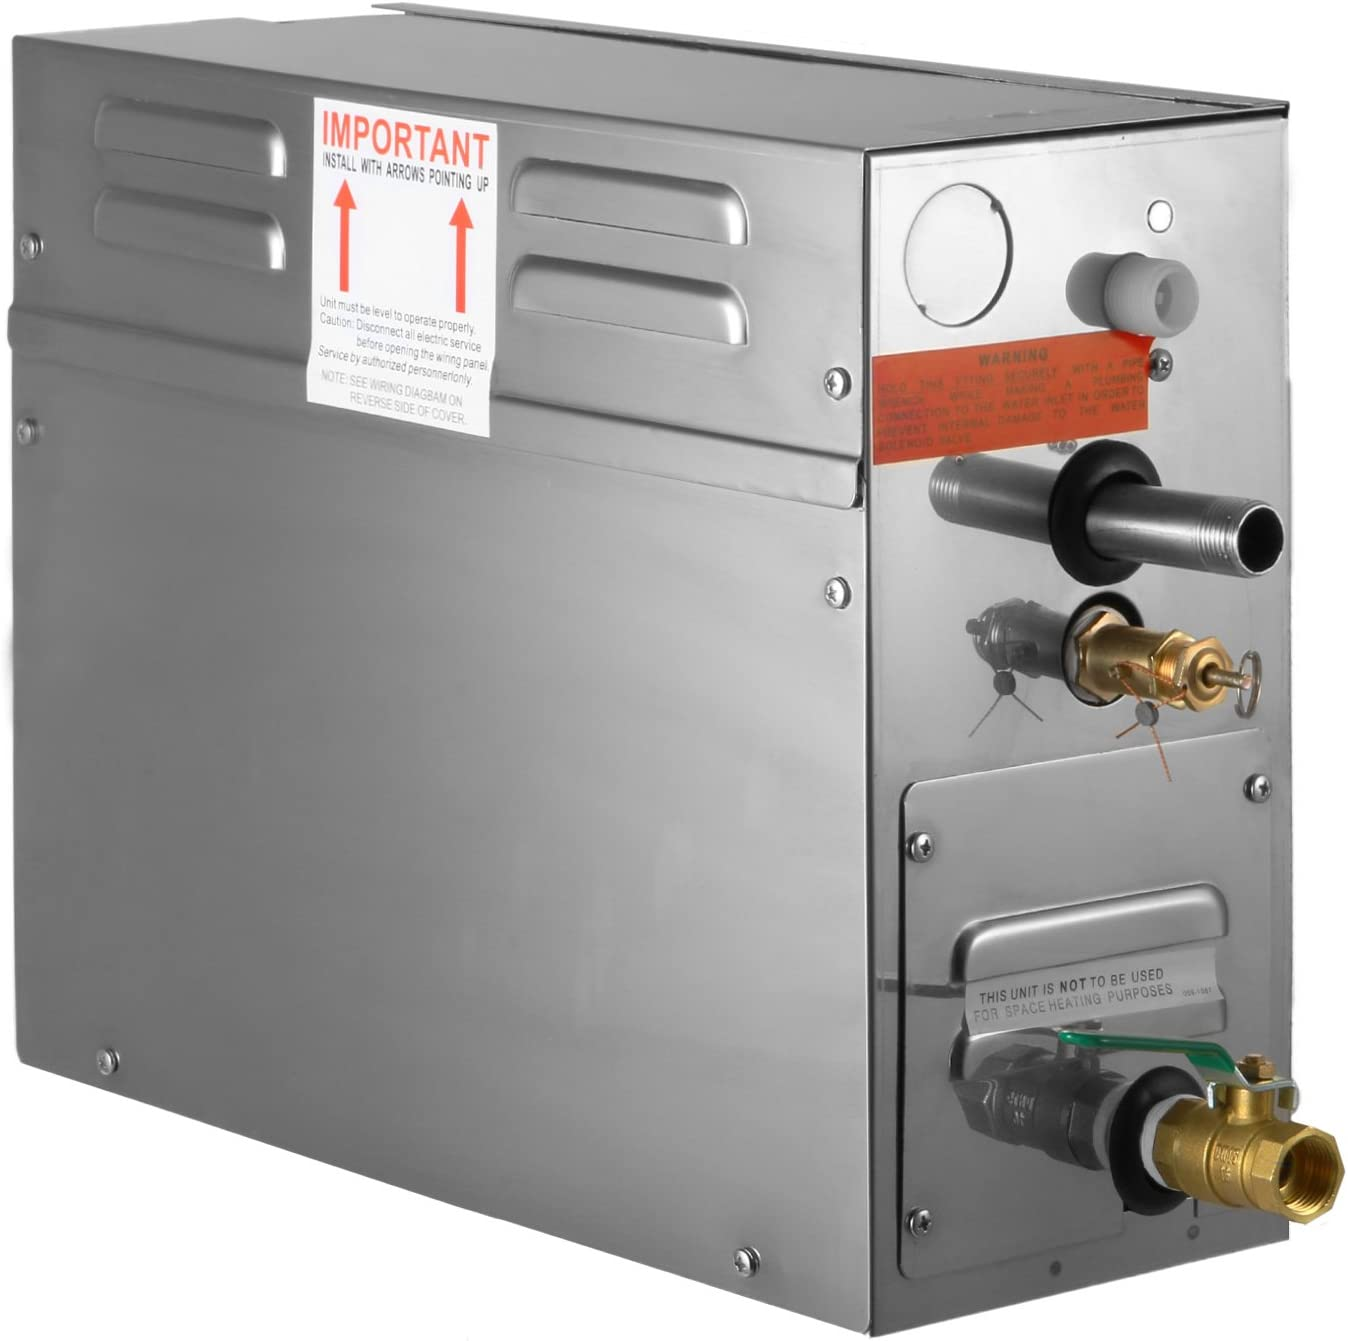 Guellin 4KW Generador de Vapor Portátil Generador del Vapor de Sauna Generador del Vapor con Temperatura y Contador de Tiempo del Regulador de Digitaces (4KW)